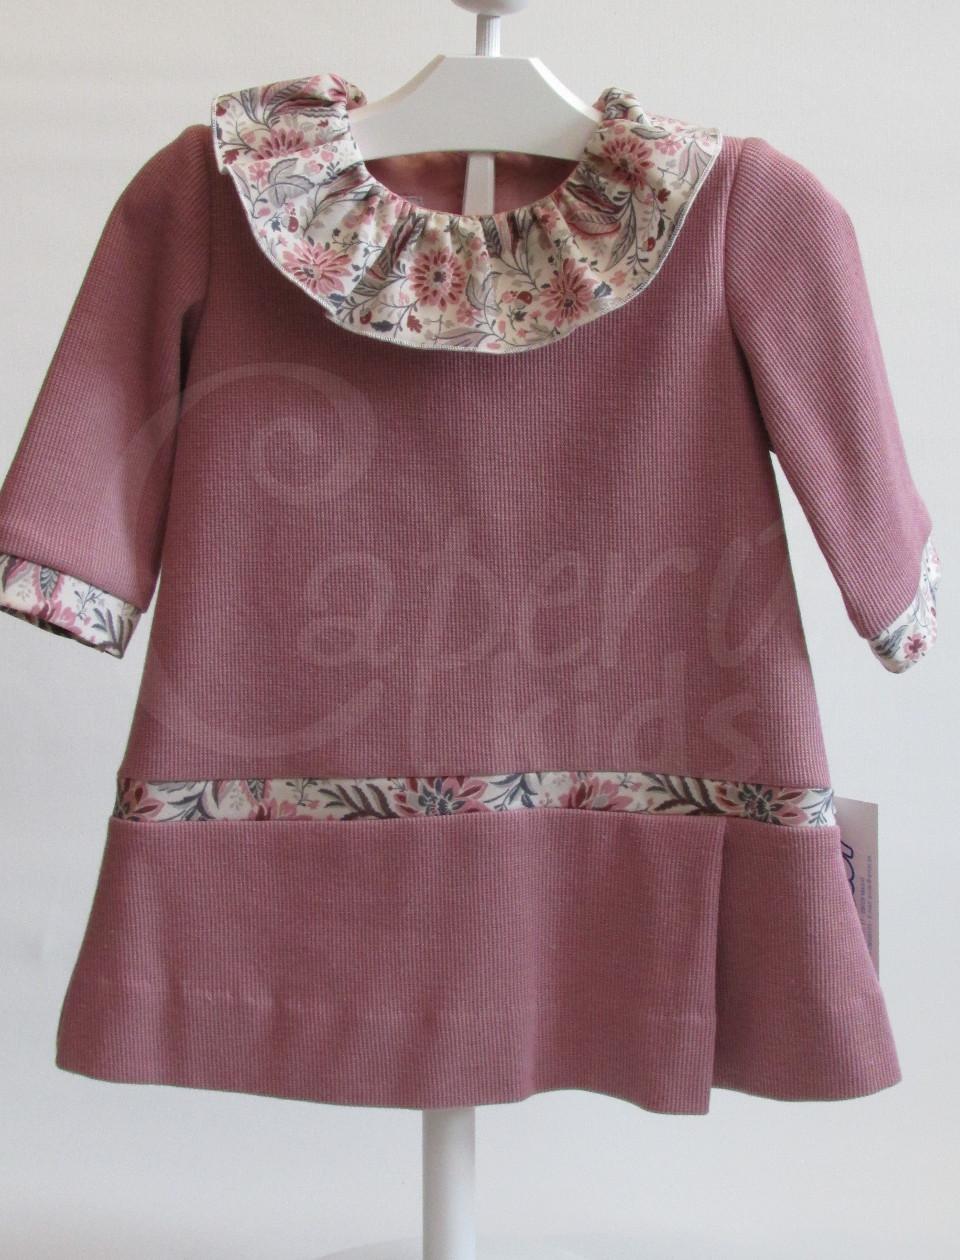 Buscando ropita online rosa empolvado un color indispensable - Color rosa empolvado ...